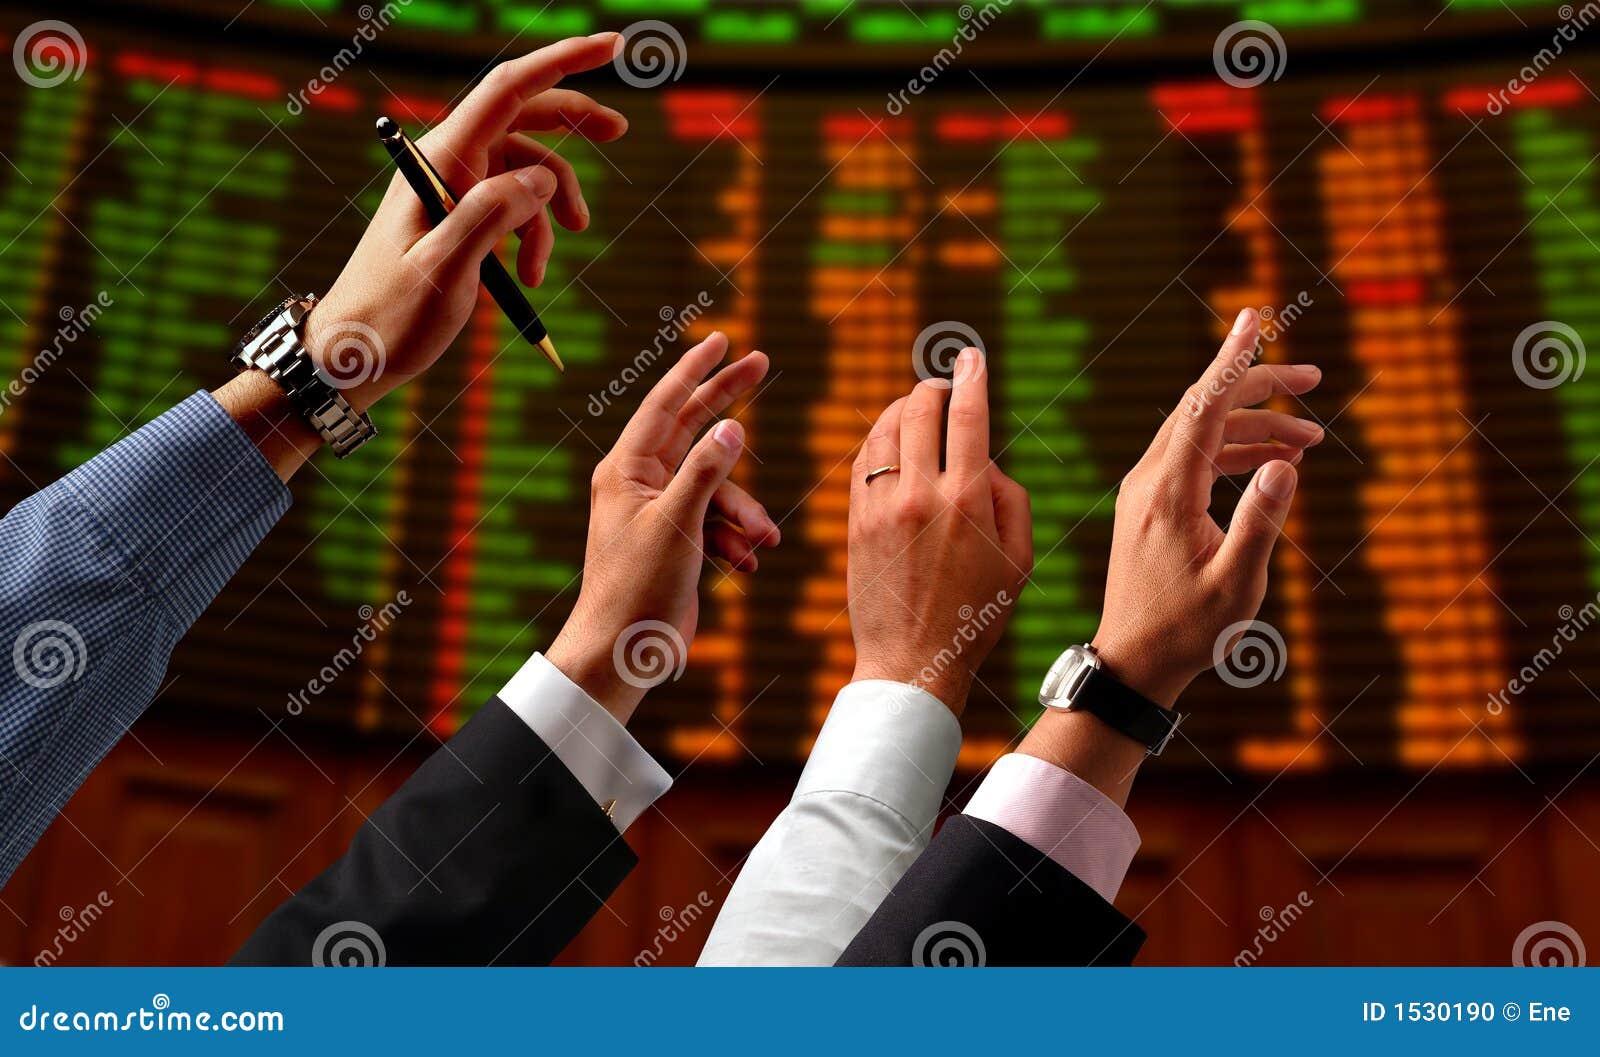 Mercado de valores de acção